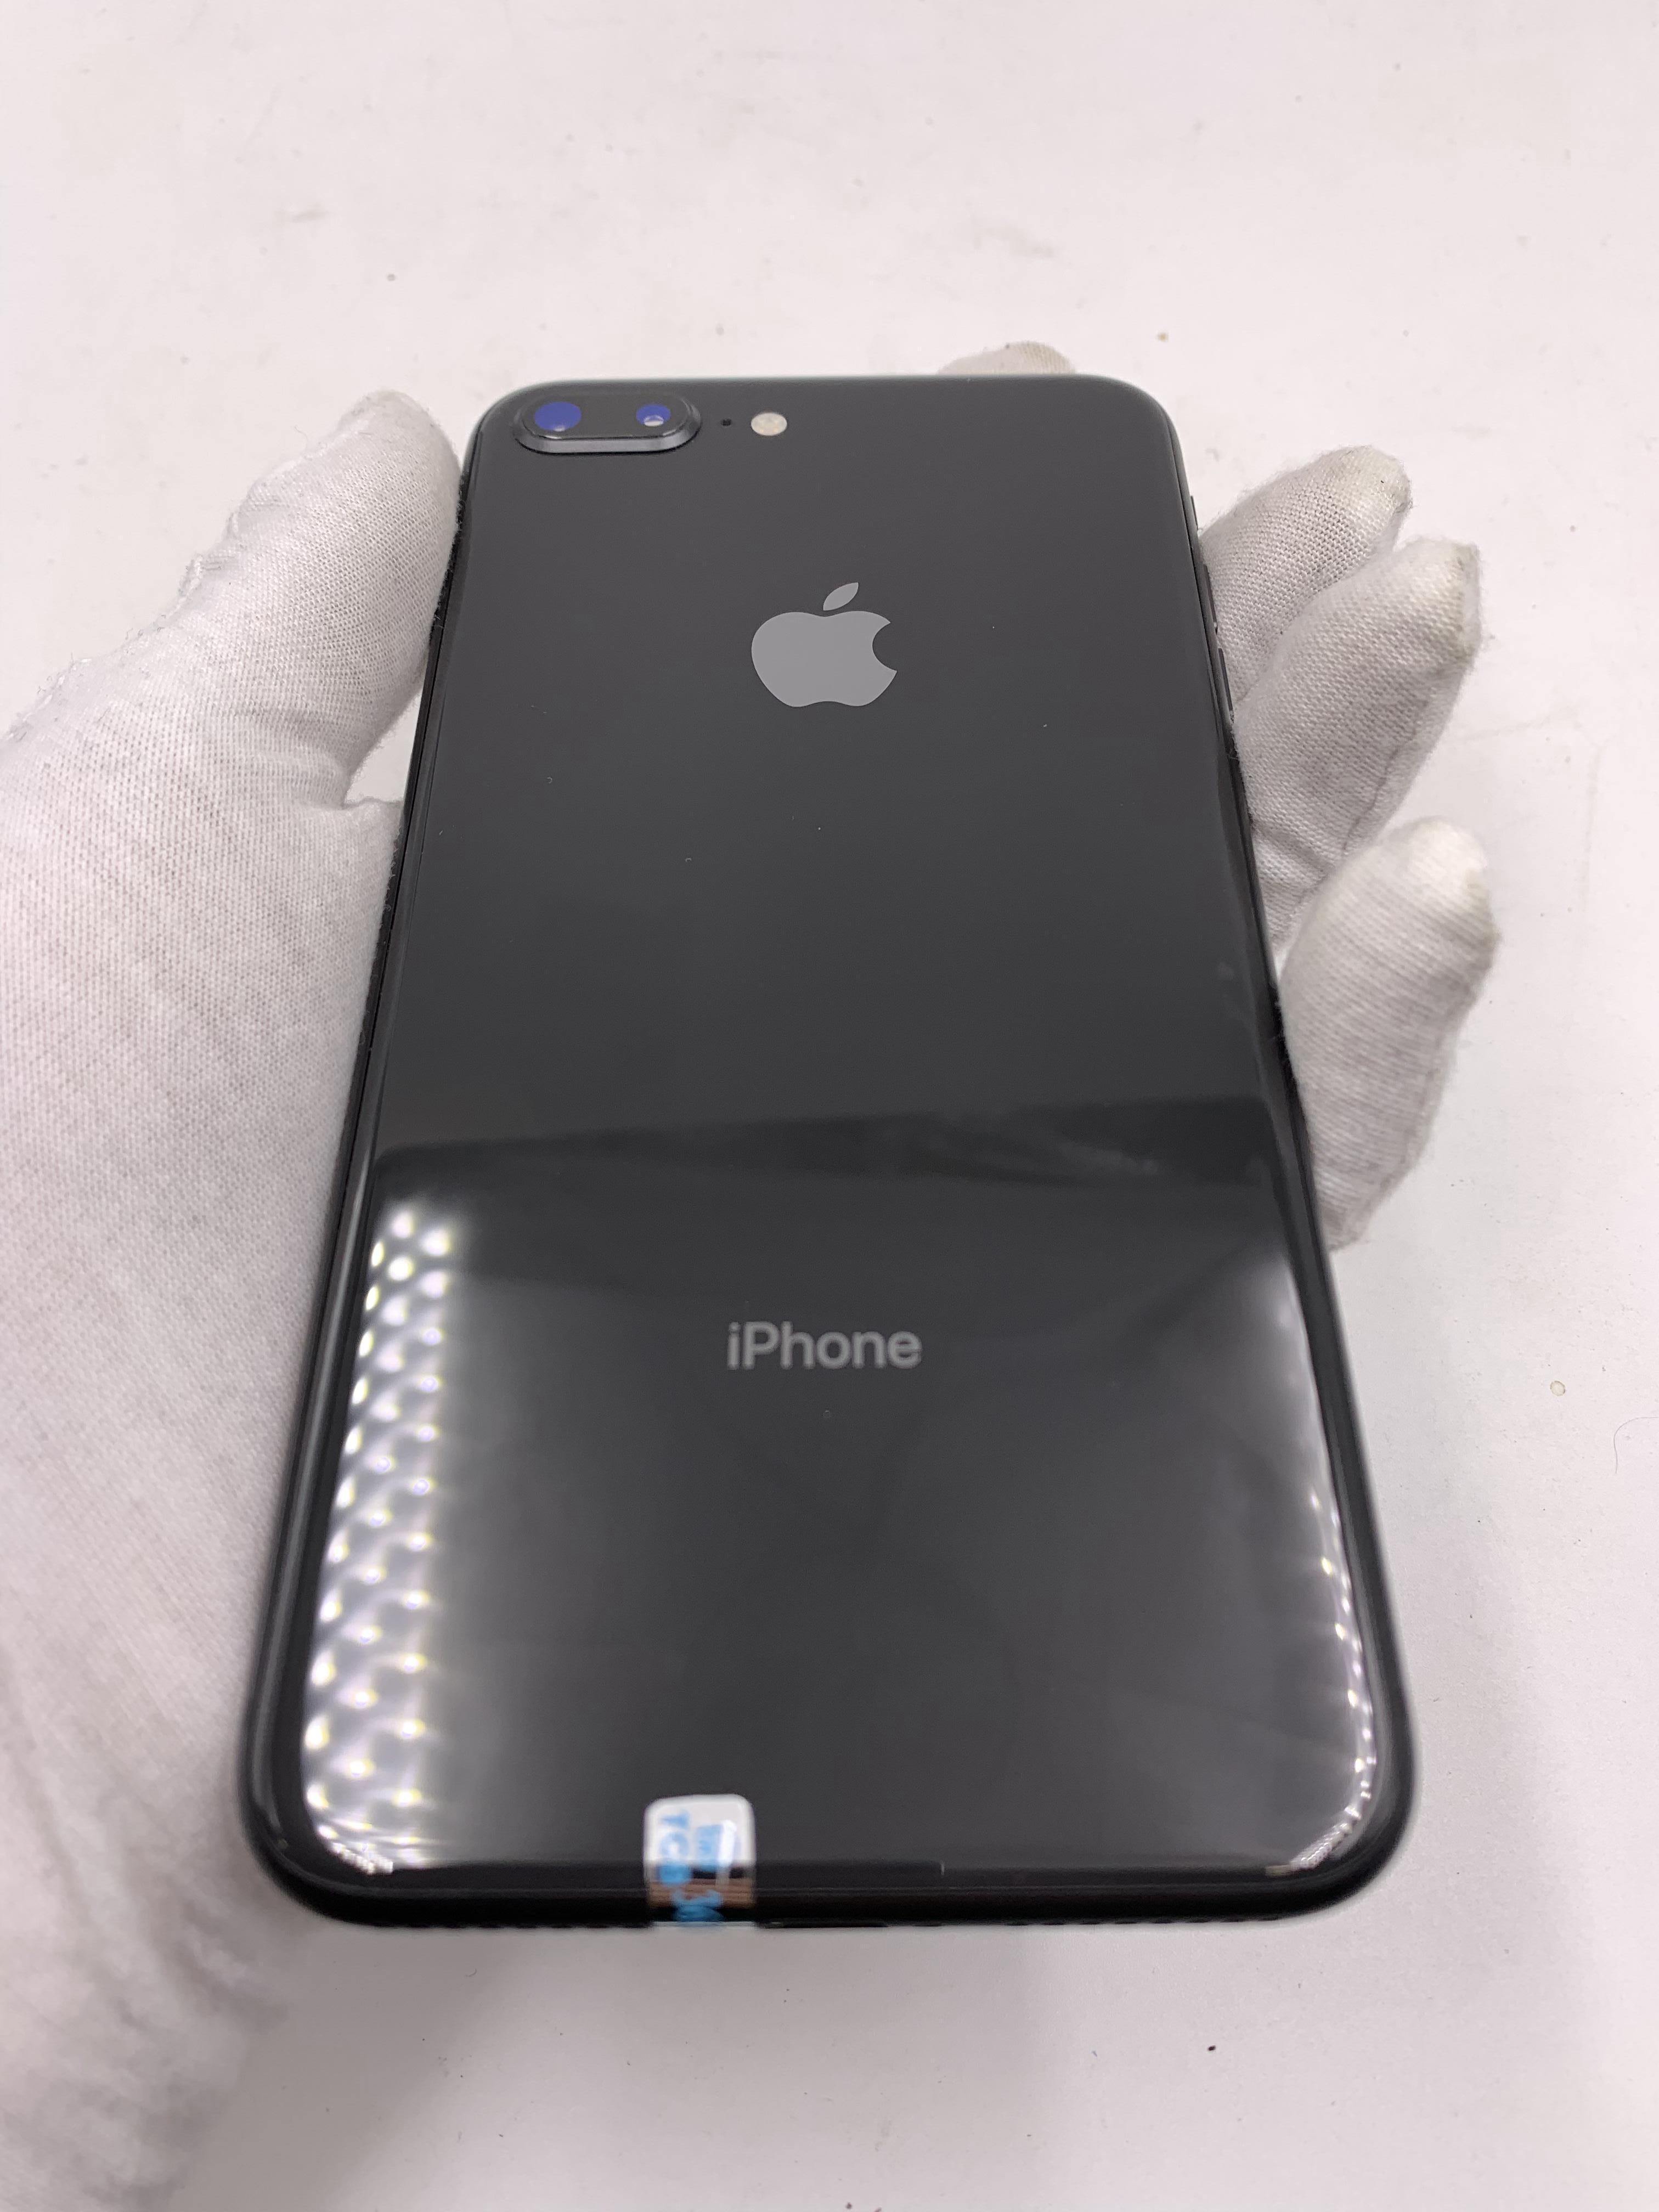 苹果【iPhone 8 Plus】4G全网通 深空灰 64G 国行 7成新